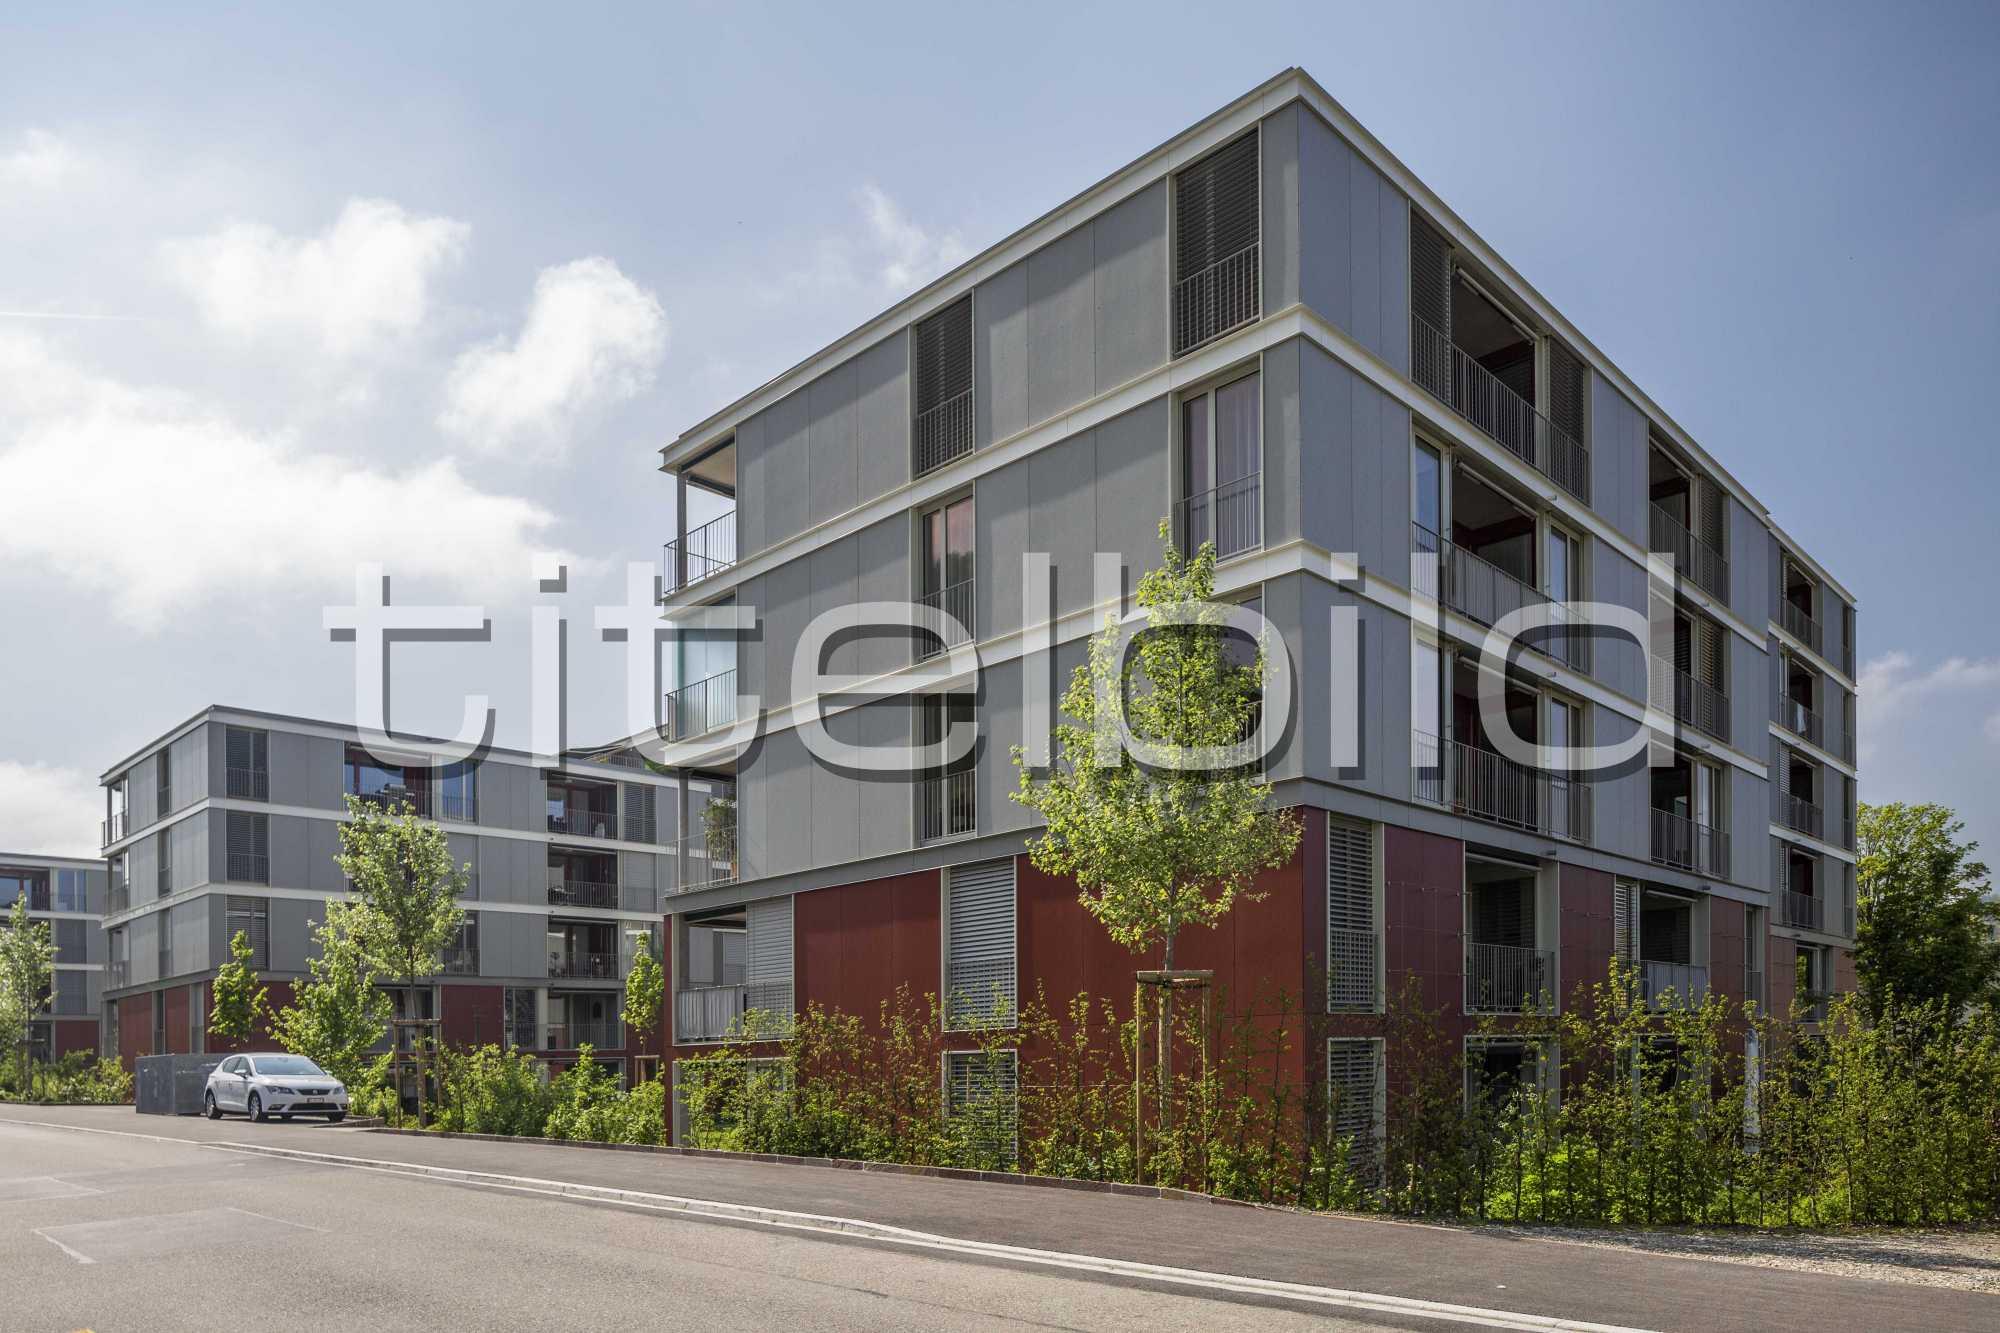 Projektbild-Nr. 3: Wohnüberbauung Sulperg 2